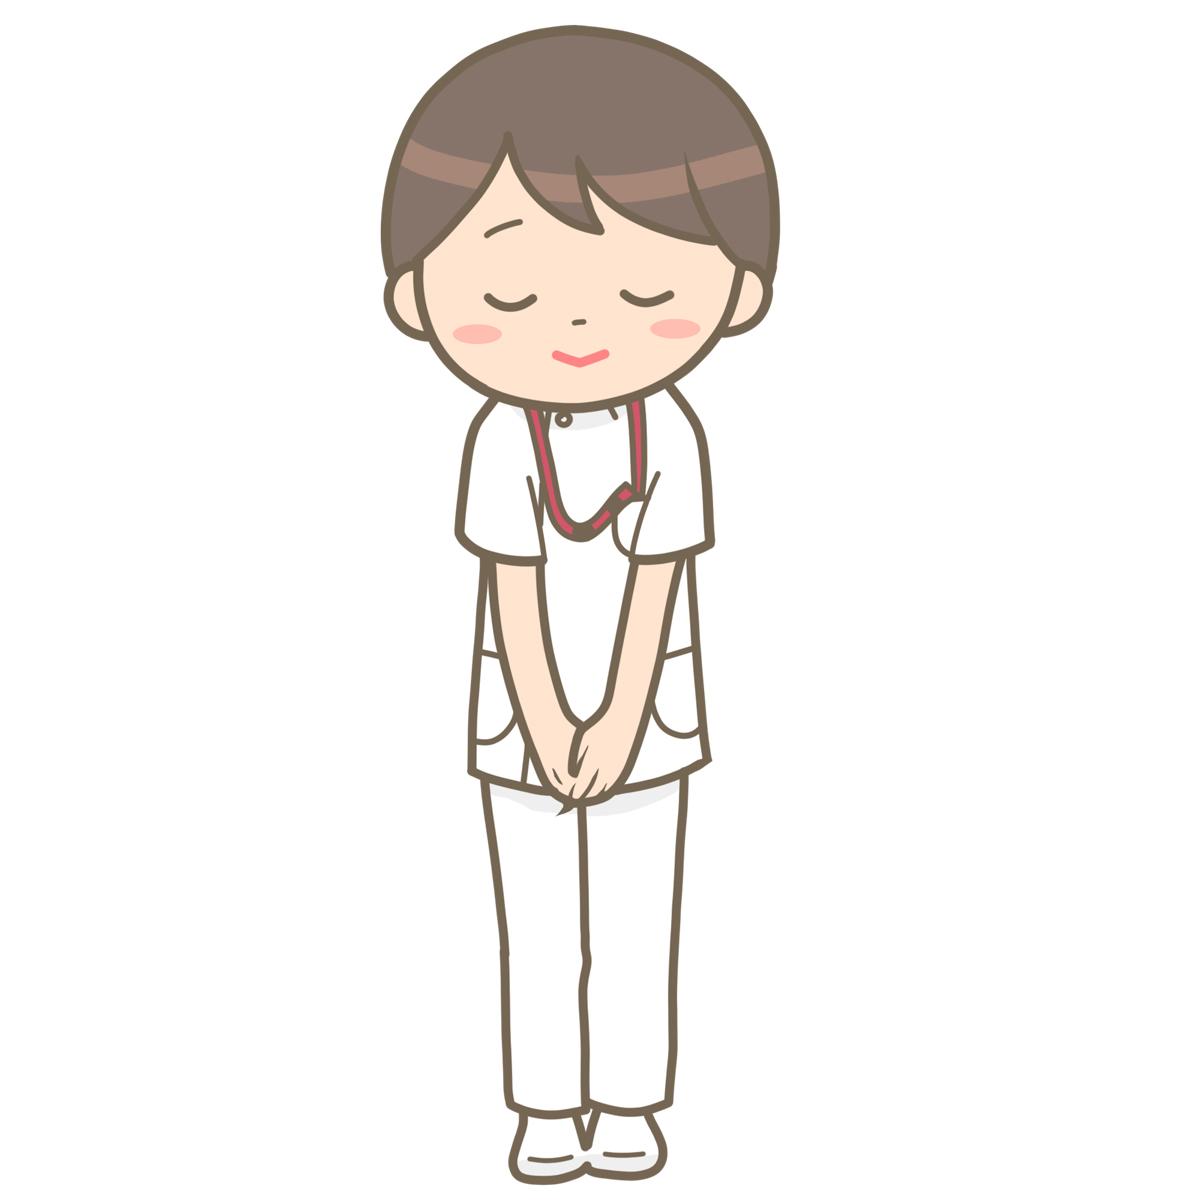 男性看護師がお辞儀をしているイラスト